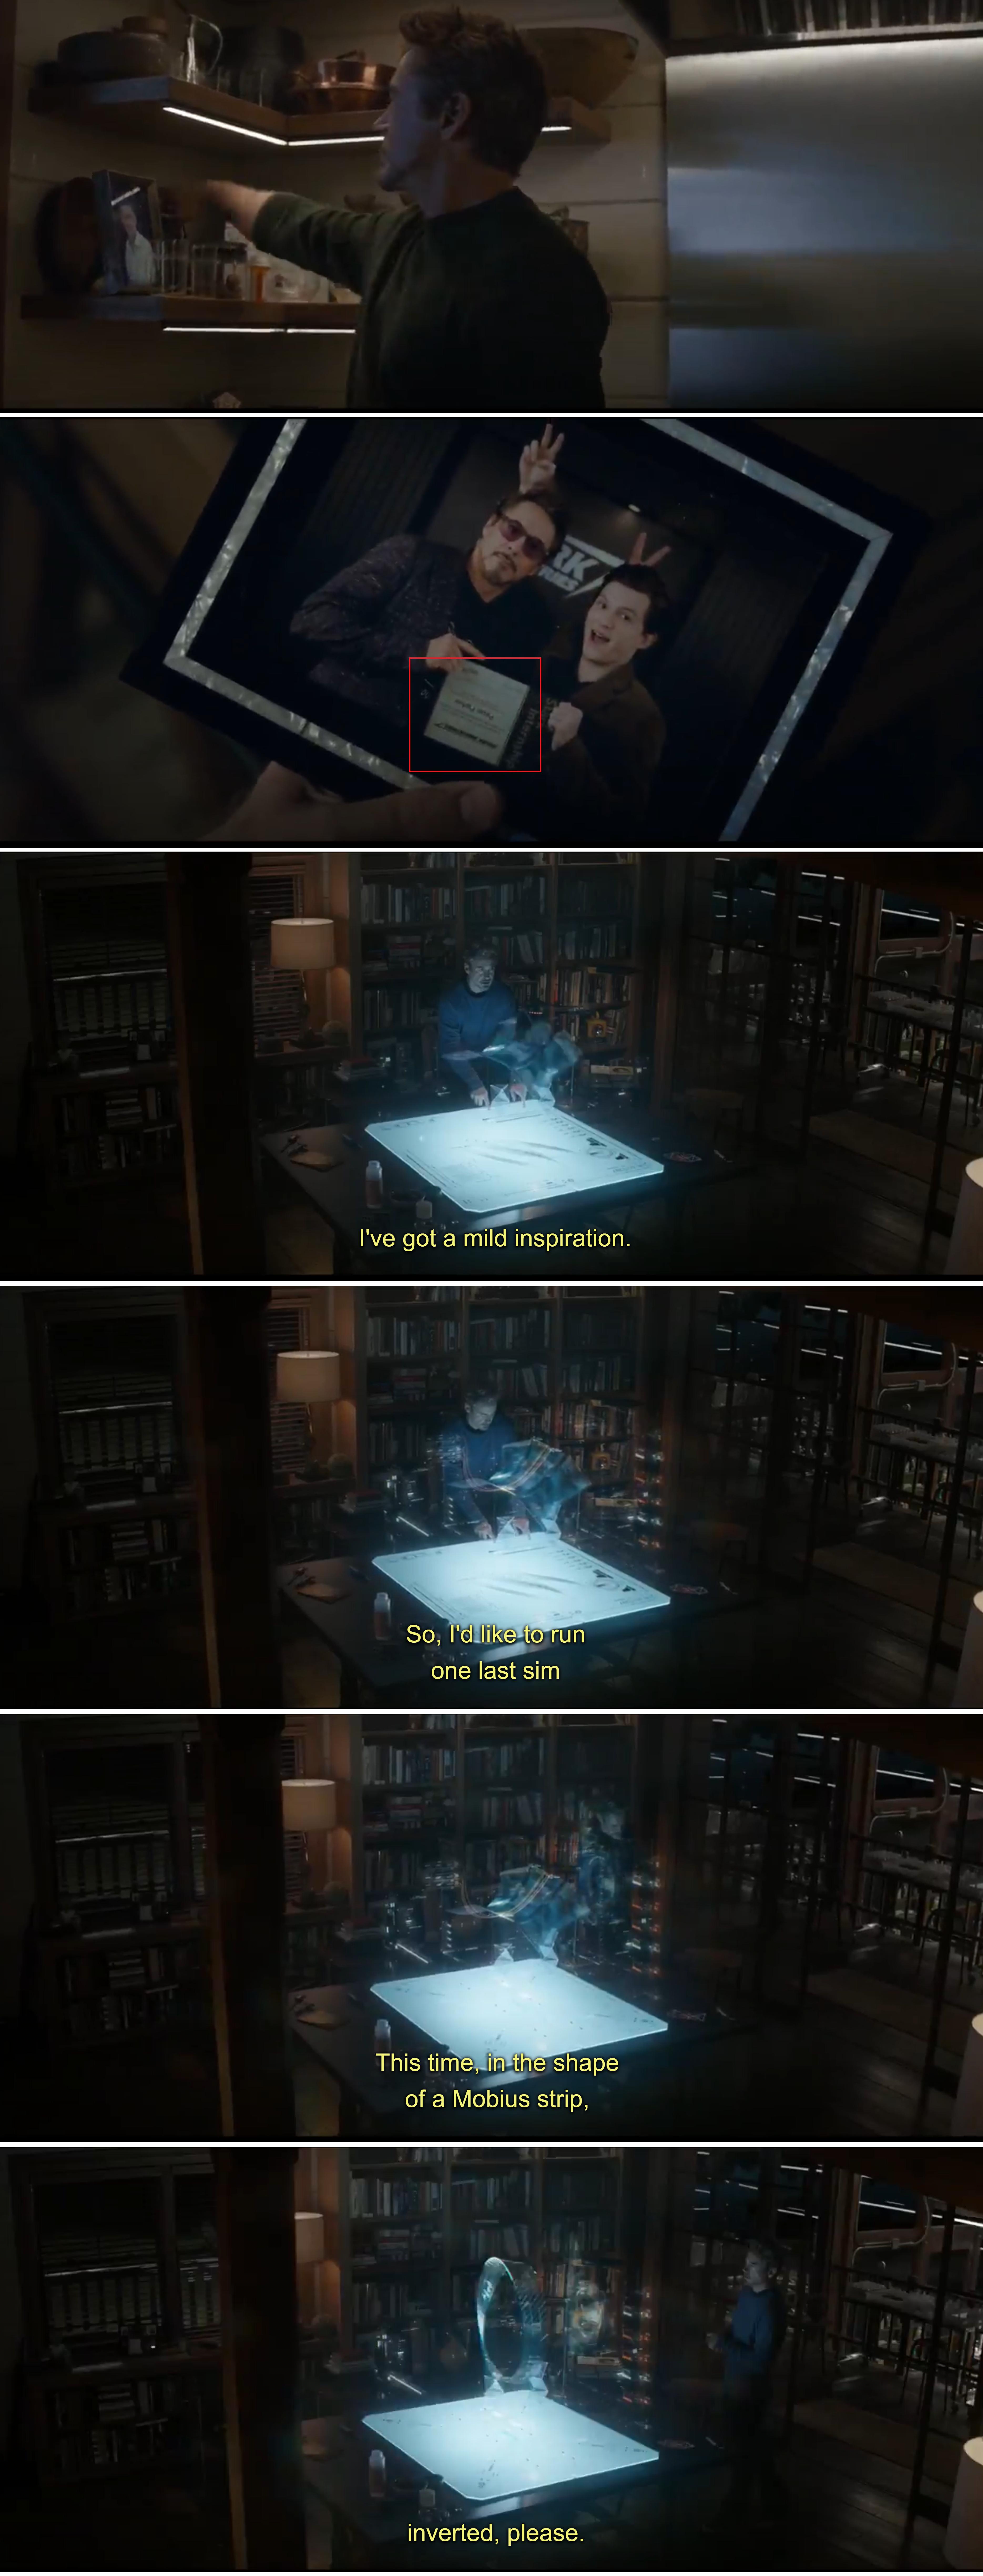 In Avengers Endgame (2019) Tony Stark cracks the time